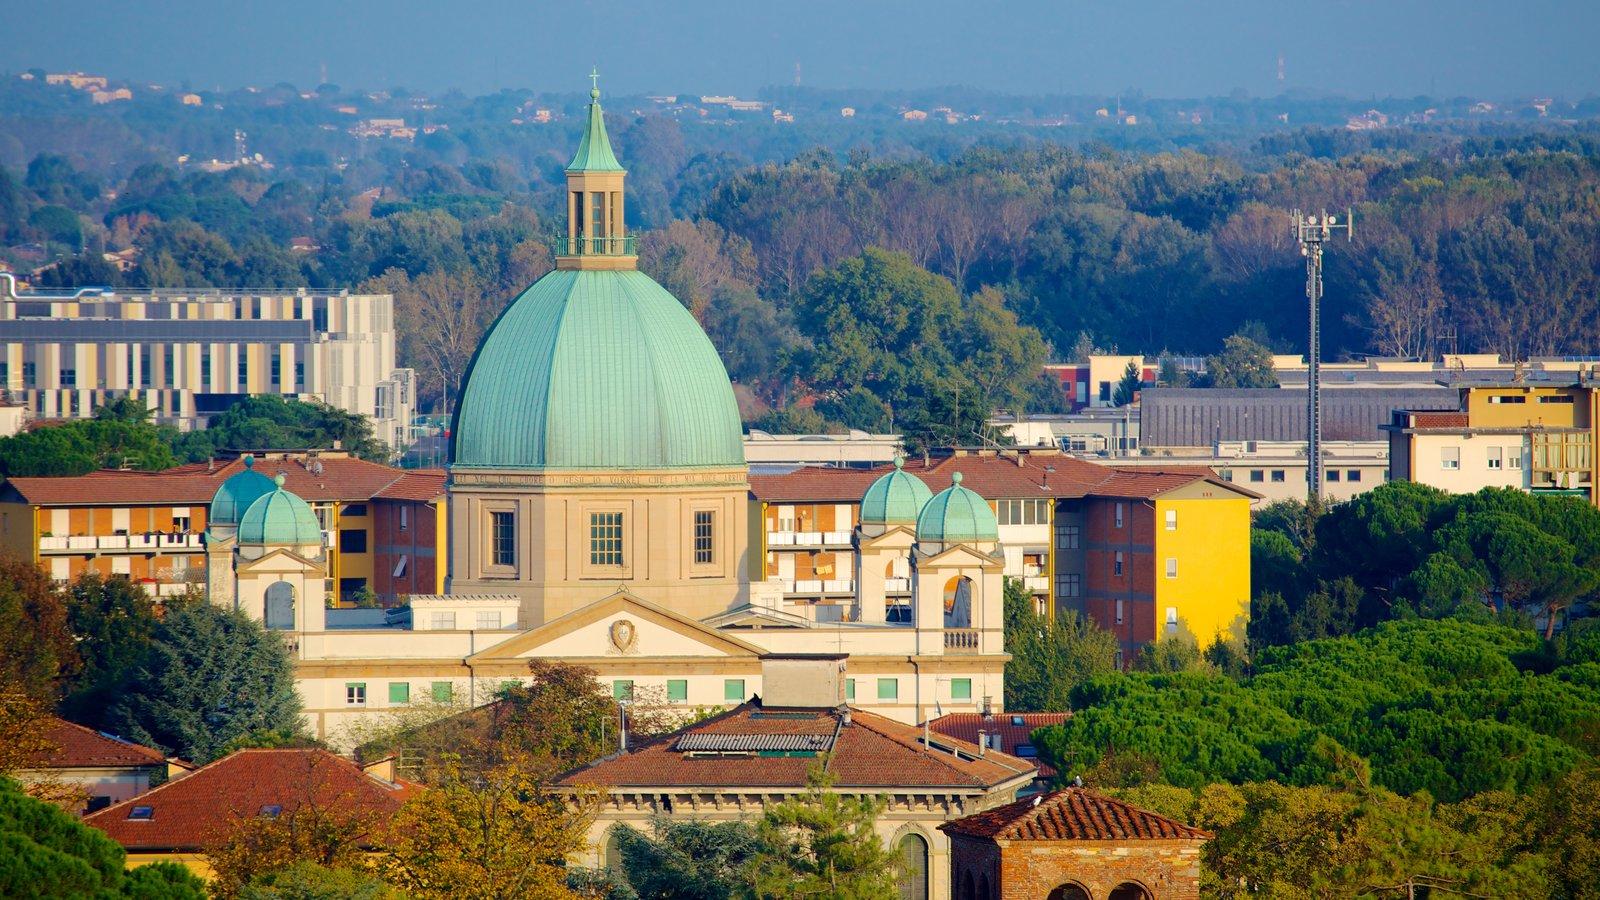 Torre Guinigi mostrando arquitetura de patrimônio e uma igreja ou catedral